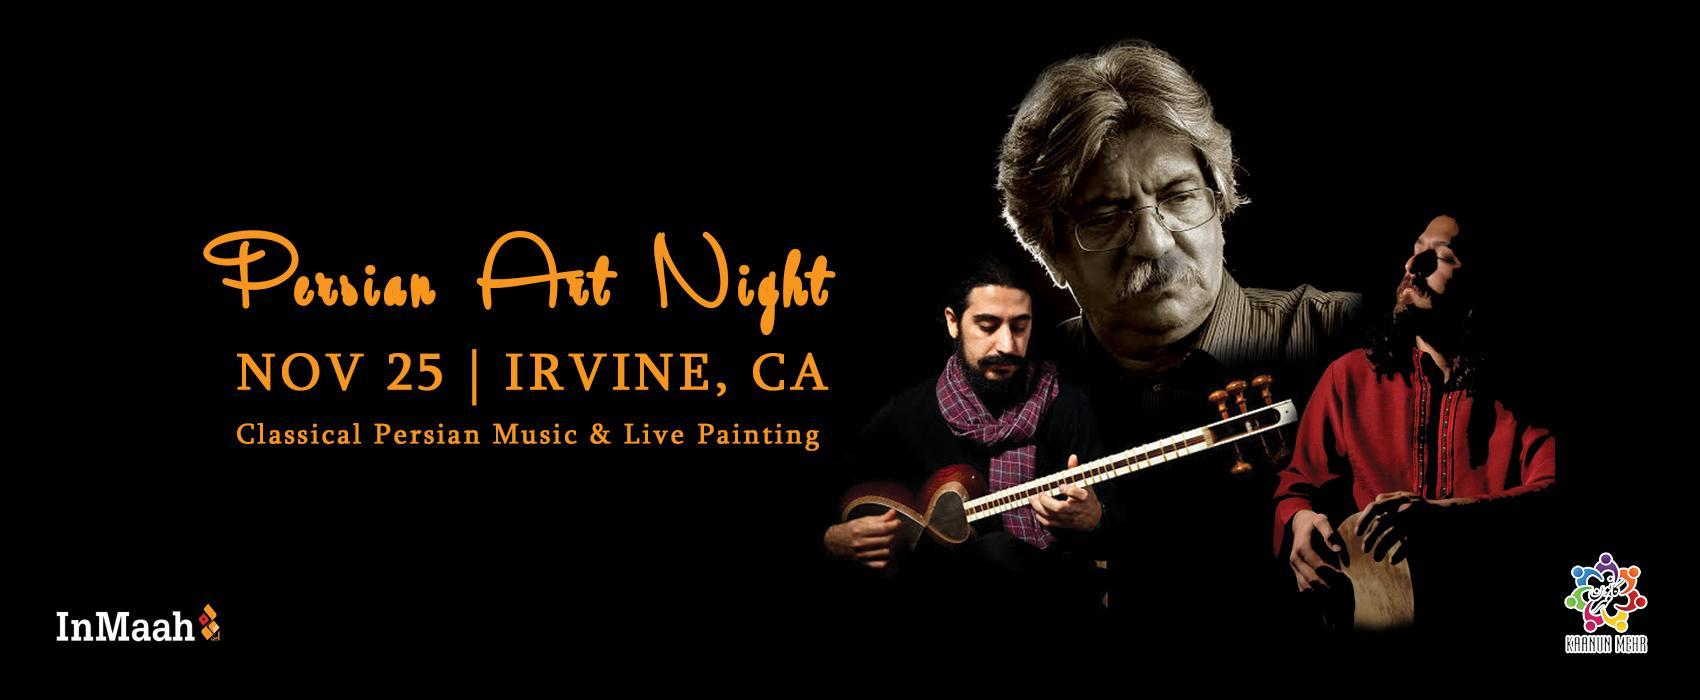 Persian Art Night